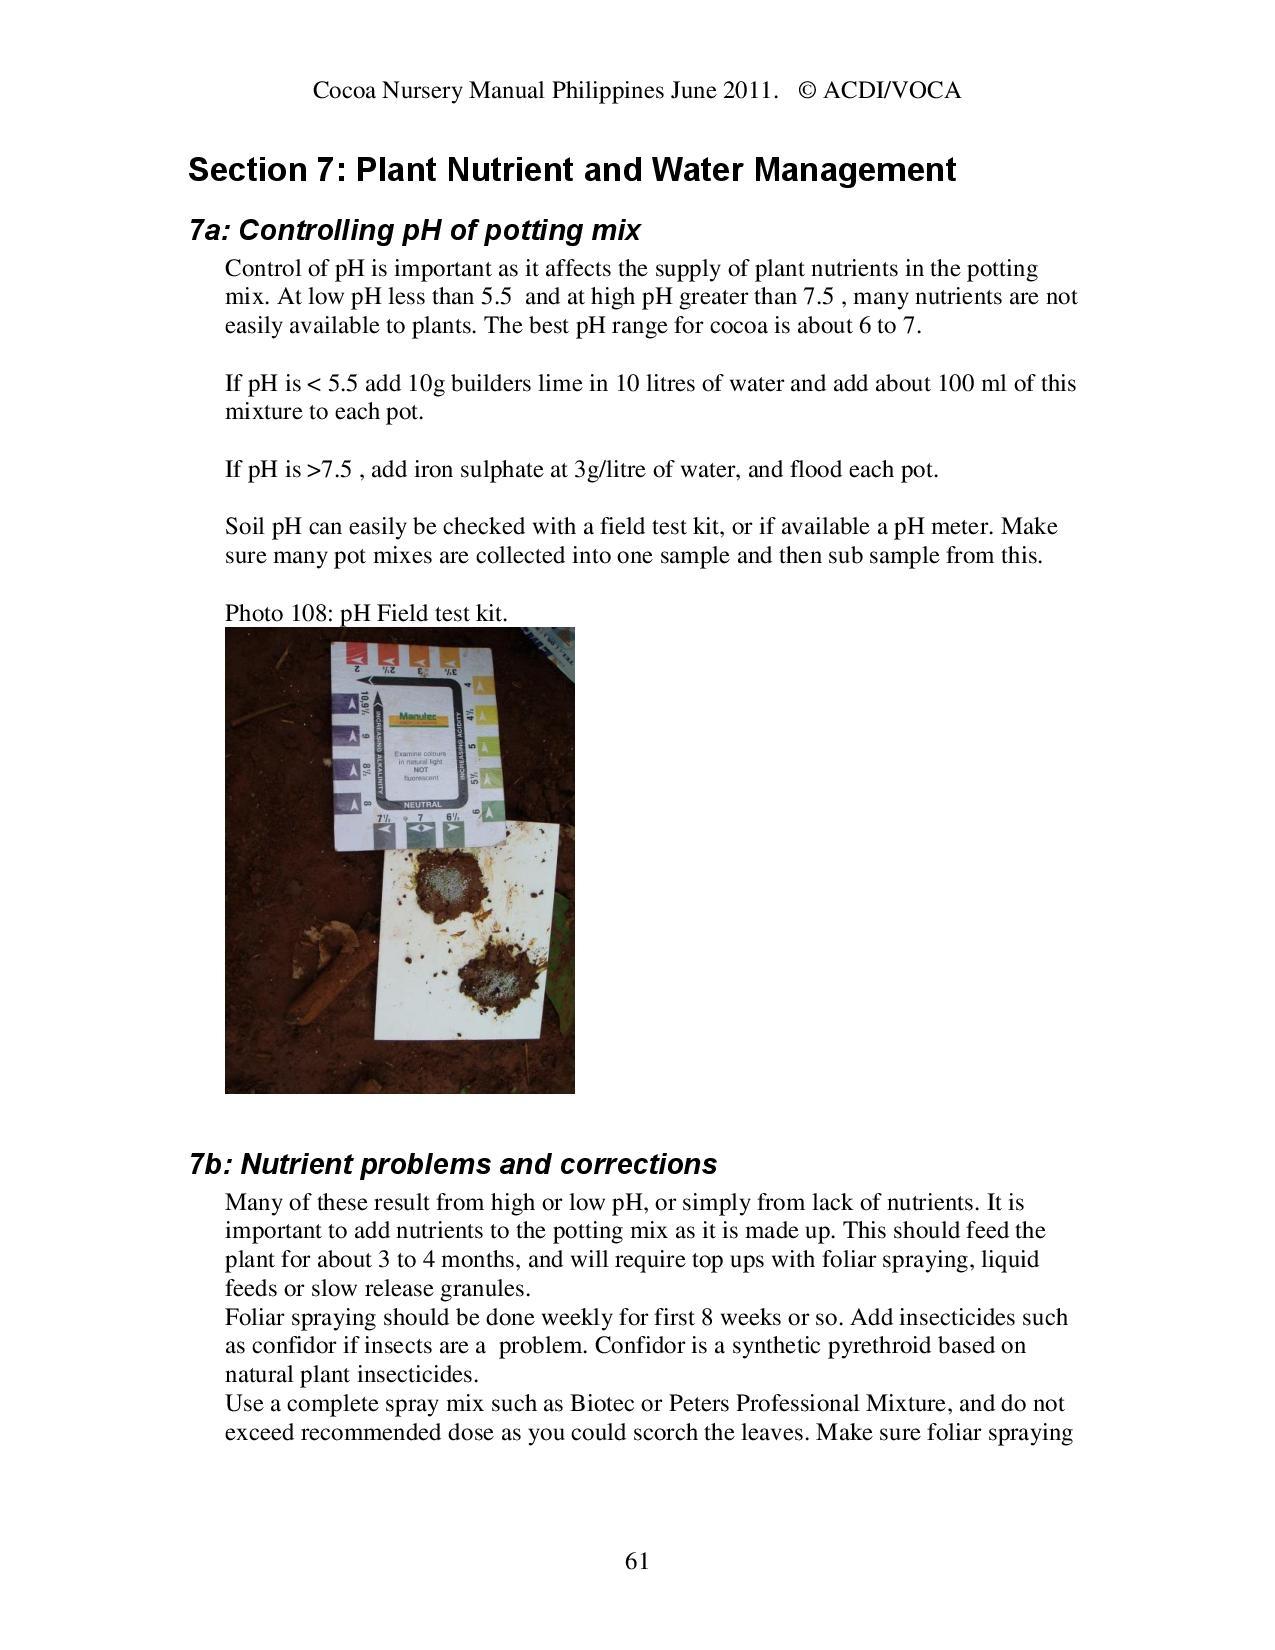 Cocoa-Nursery-Manual-2011_acdi-voca-page-061